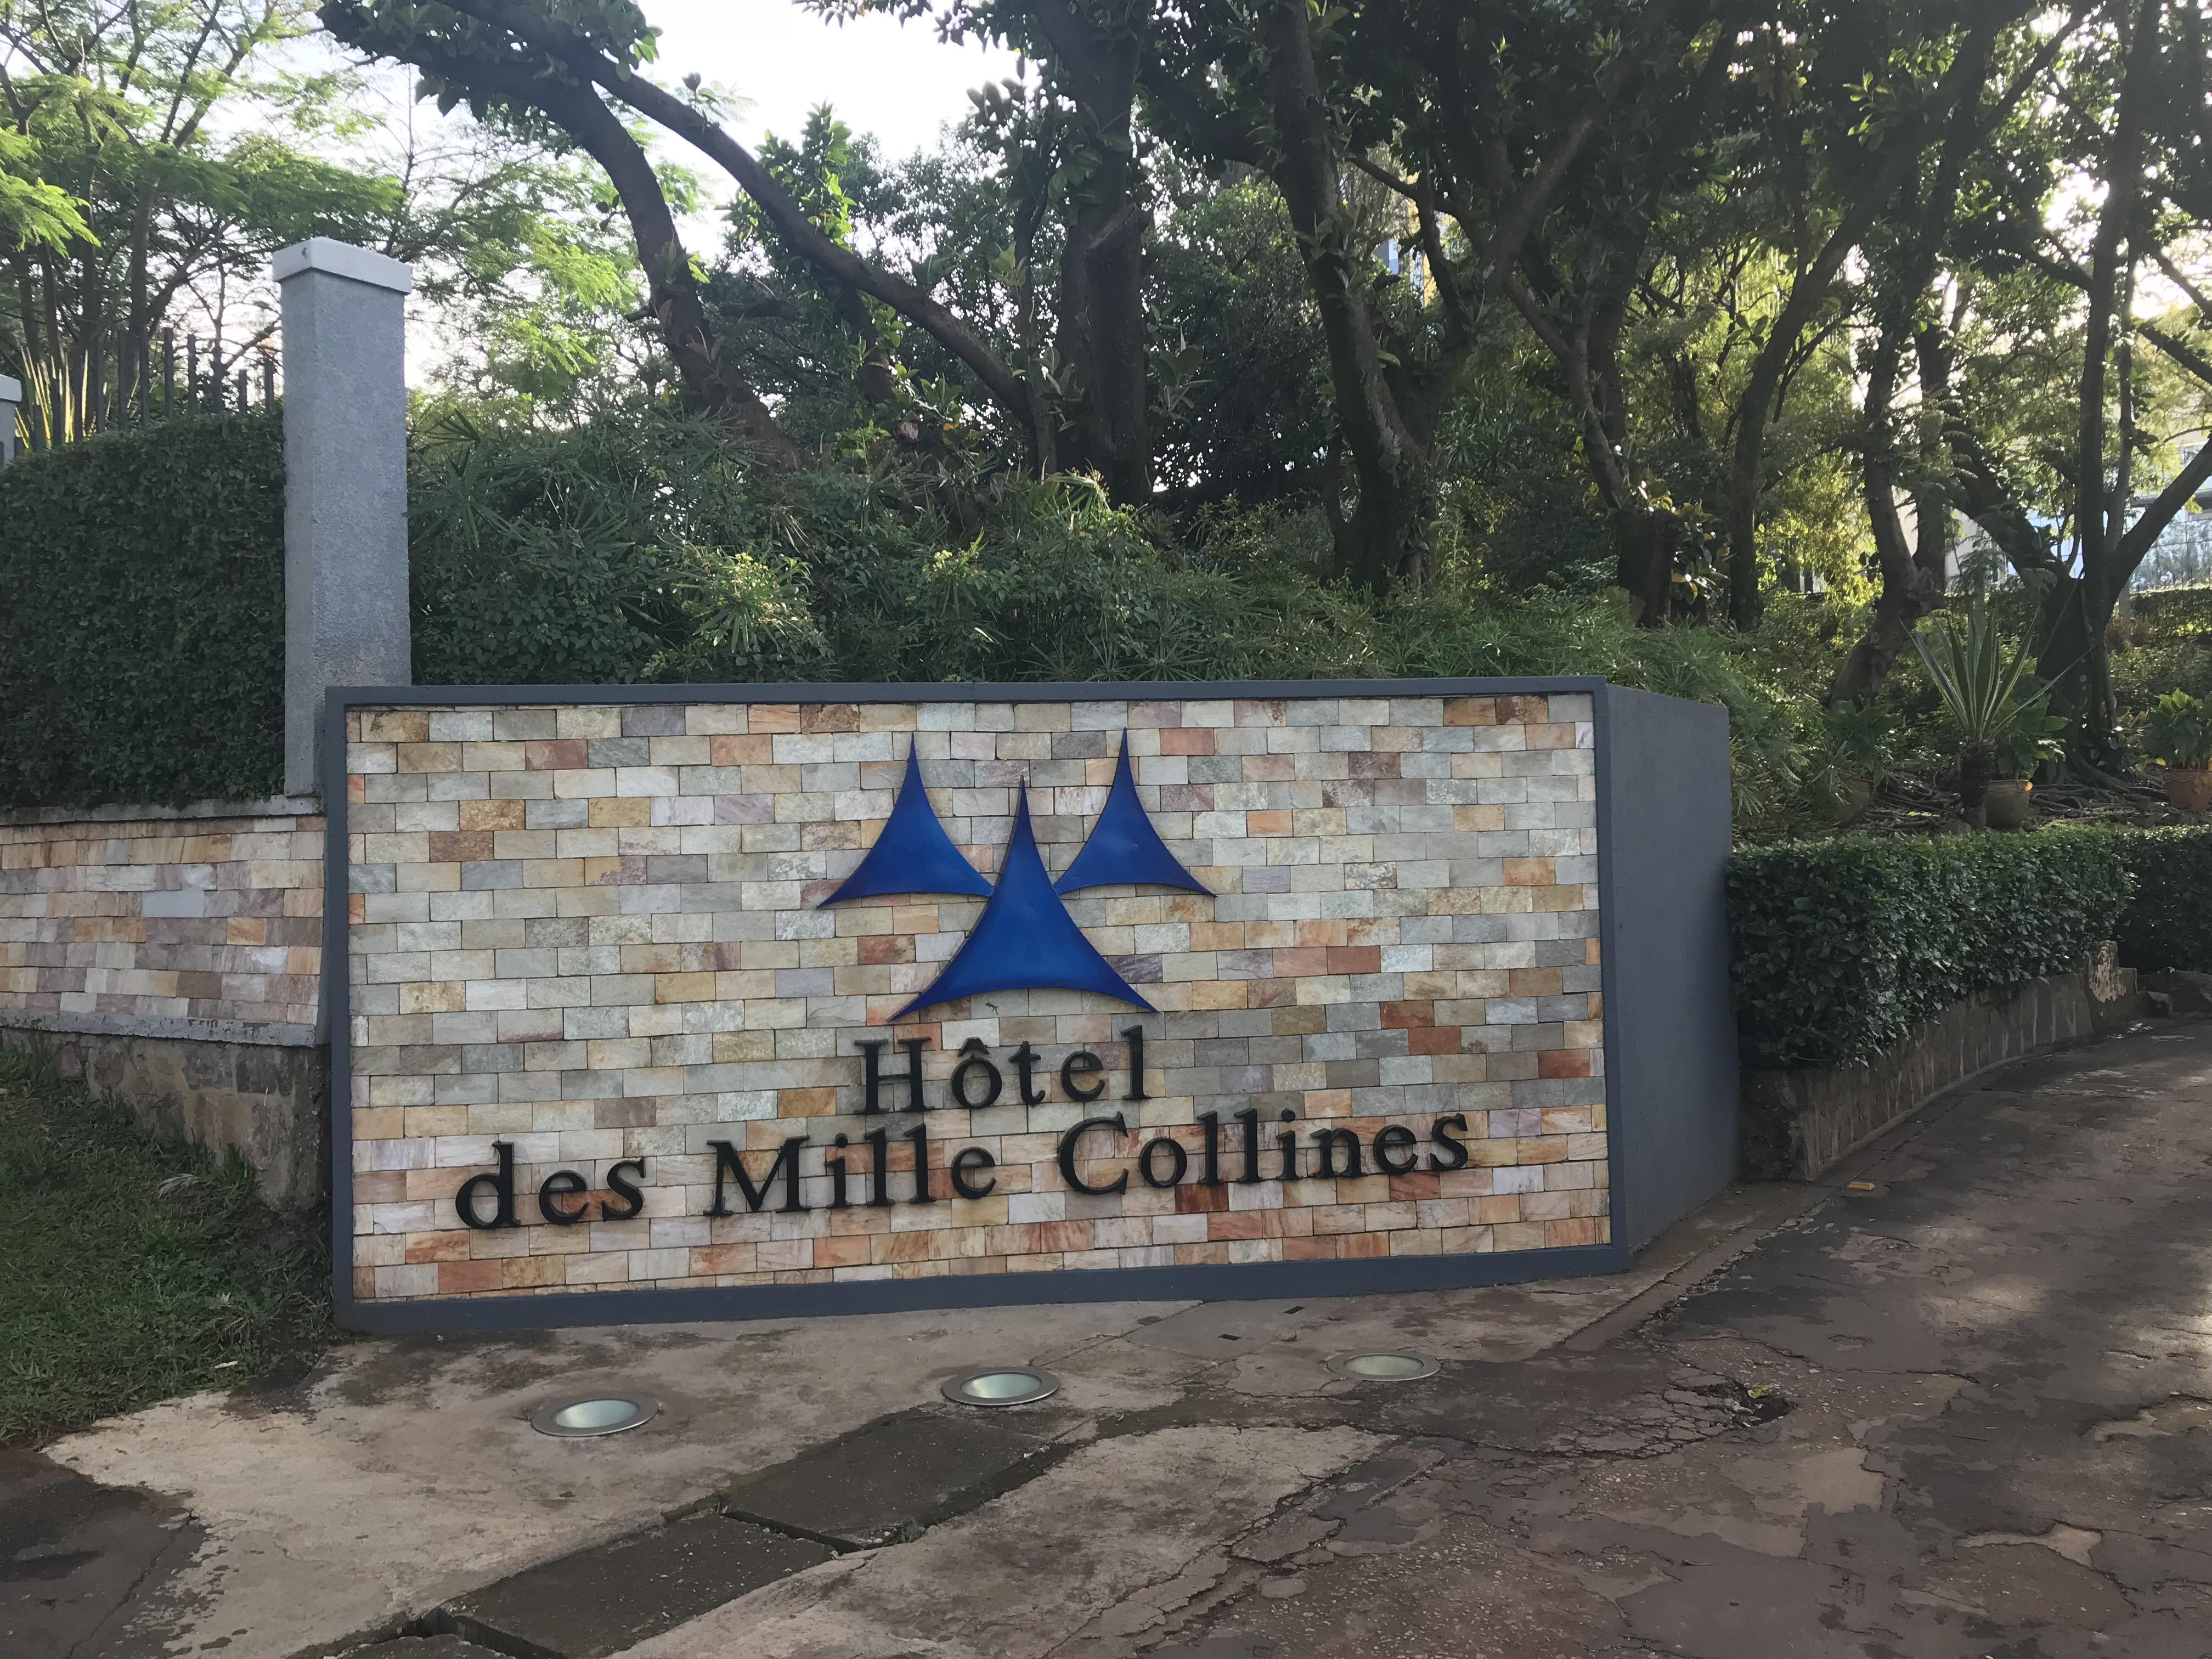 ホテルミルコリンズ